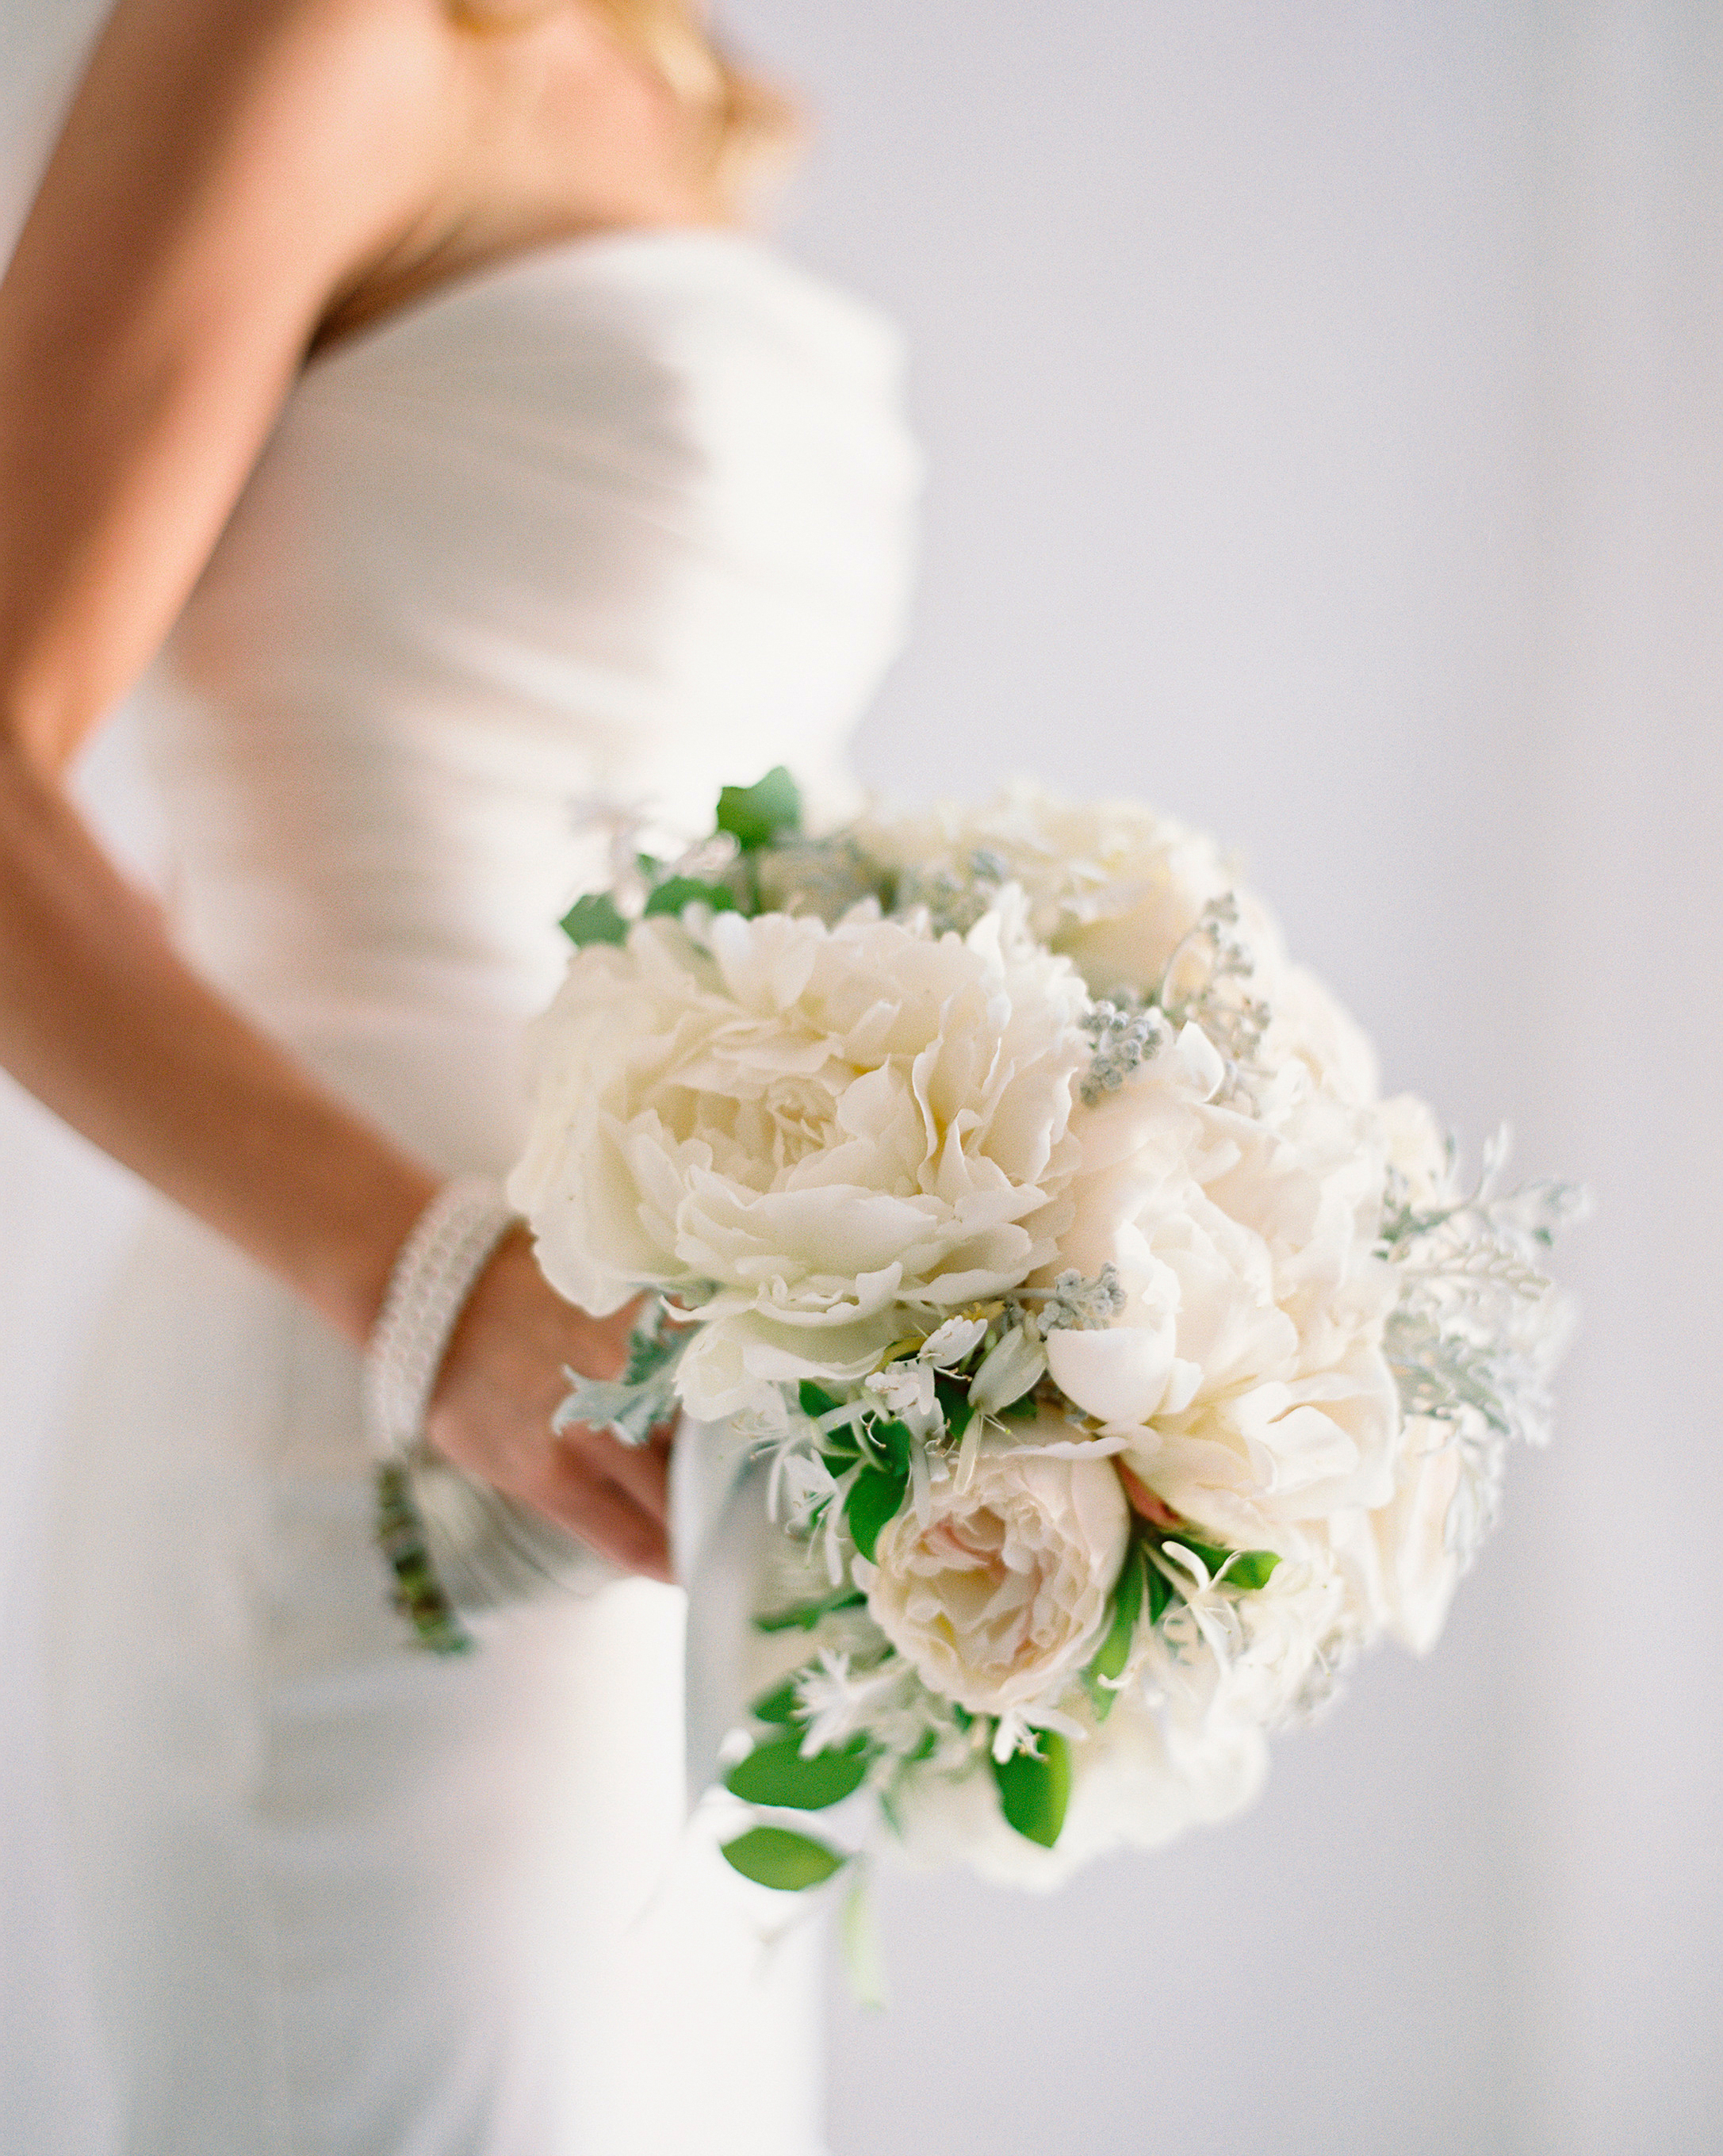 joanna-kyle-real-wedding-009031-r1-004-d111223-0814.jpg